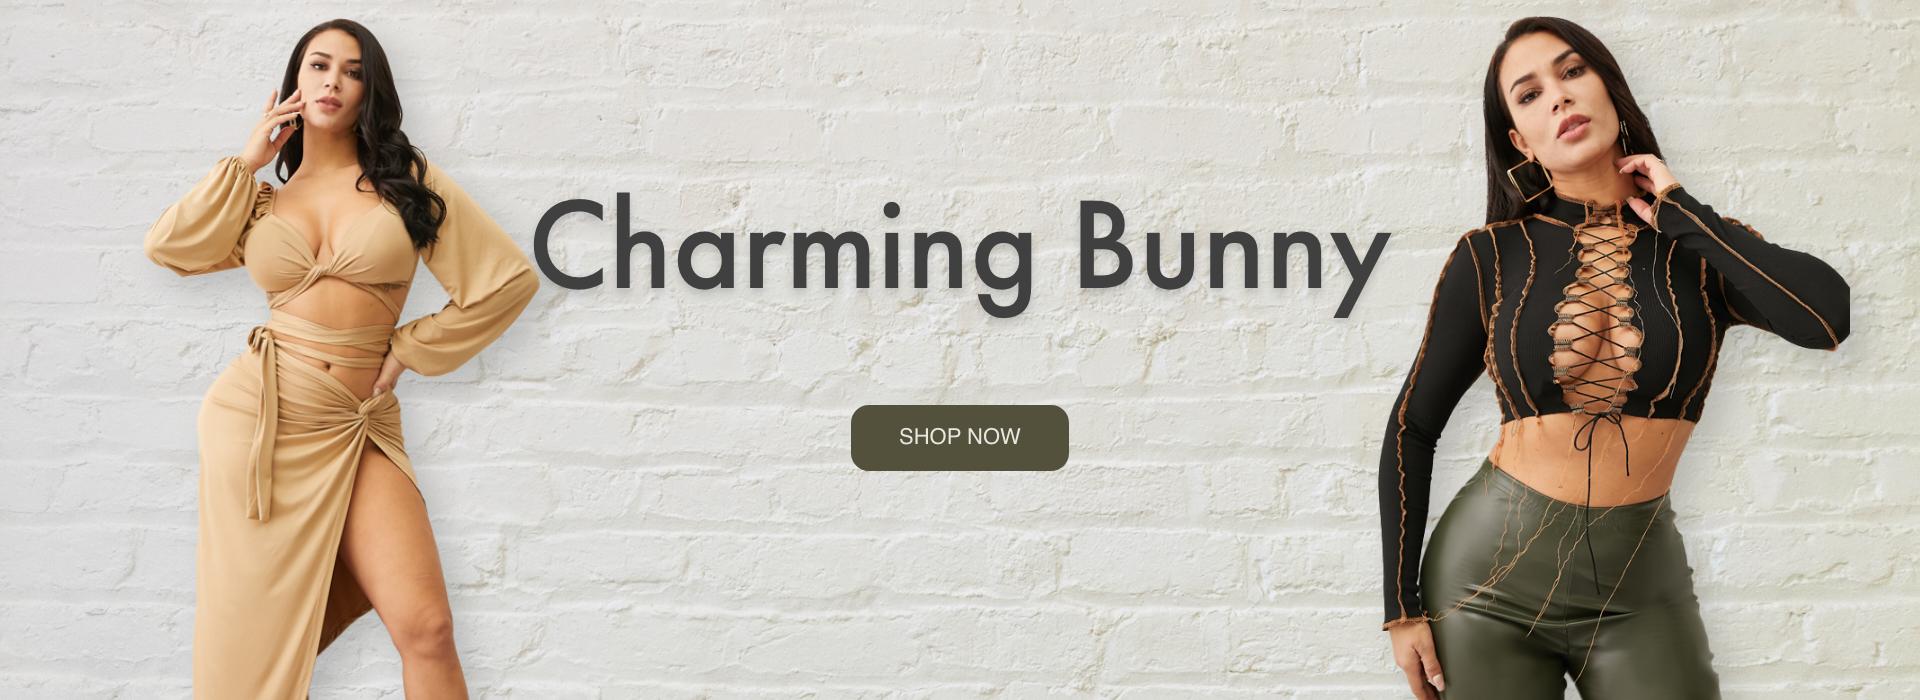 CHARMING BUNNY